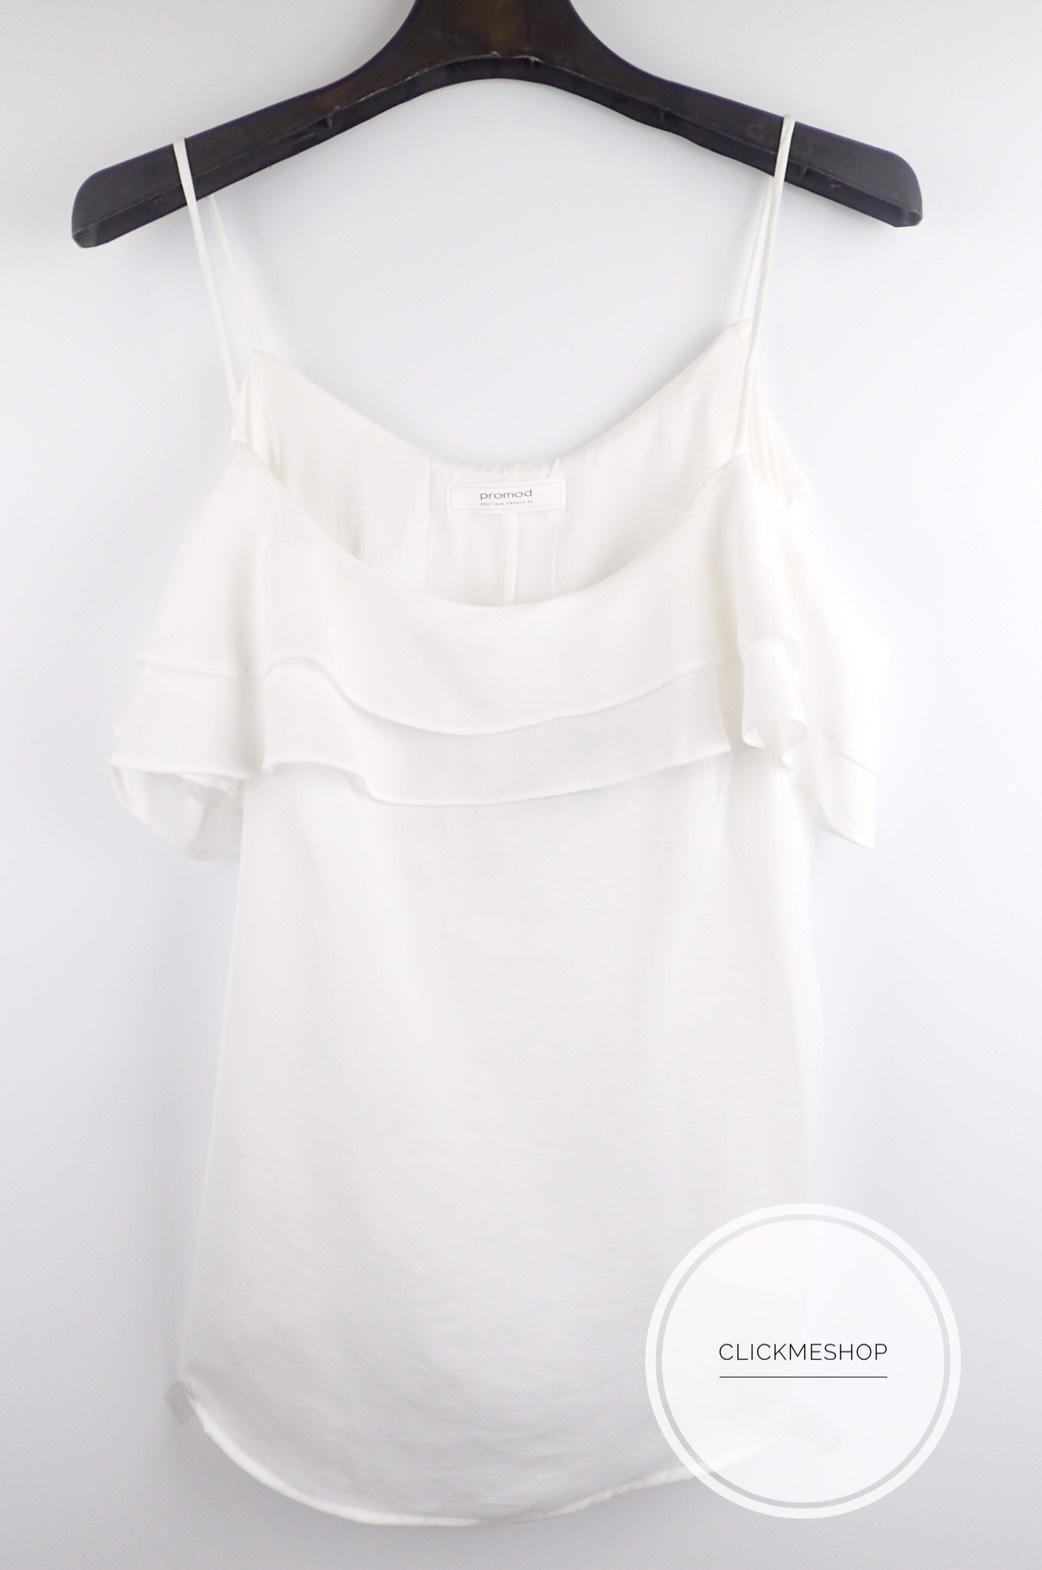 (ไซส์ L หน้าอก 40-42 นิ้ว ) เสื้อสายเดี่ยวเปิดไหล่ สีขาว ยี่ห้อ Promod ระบายอก